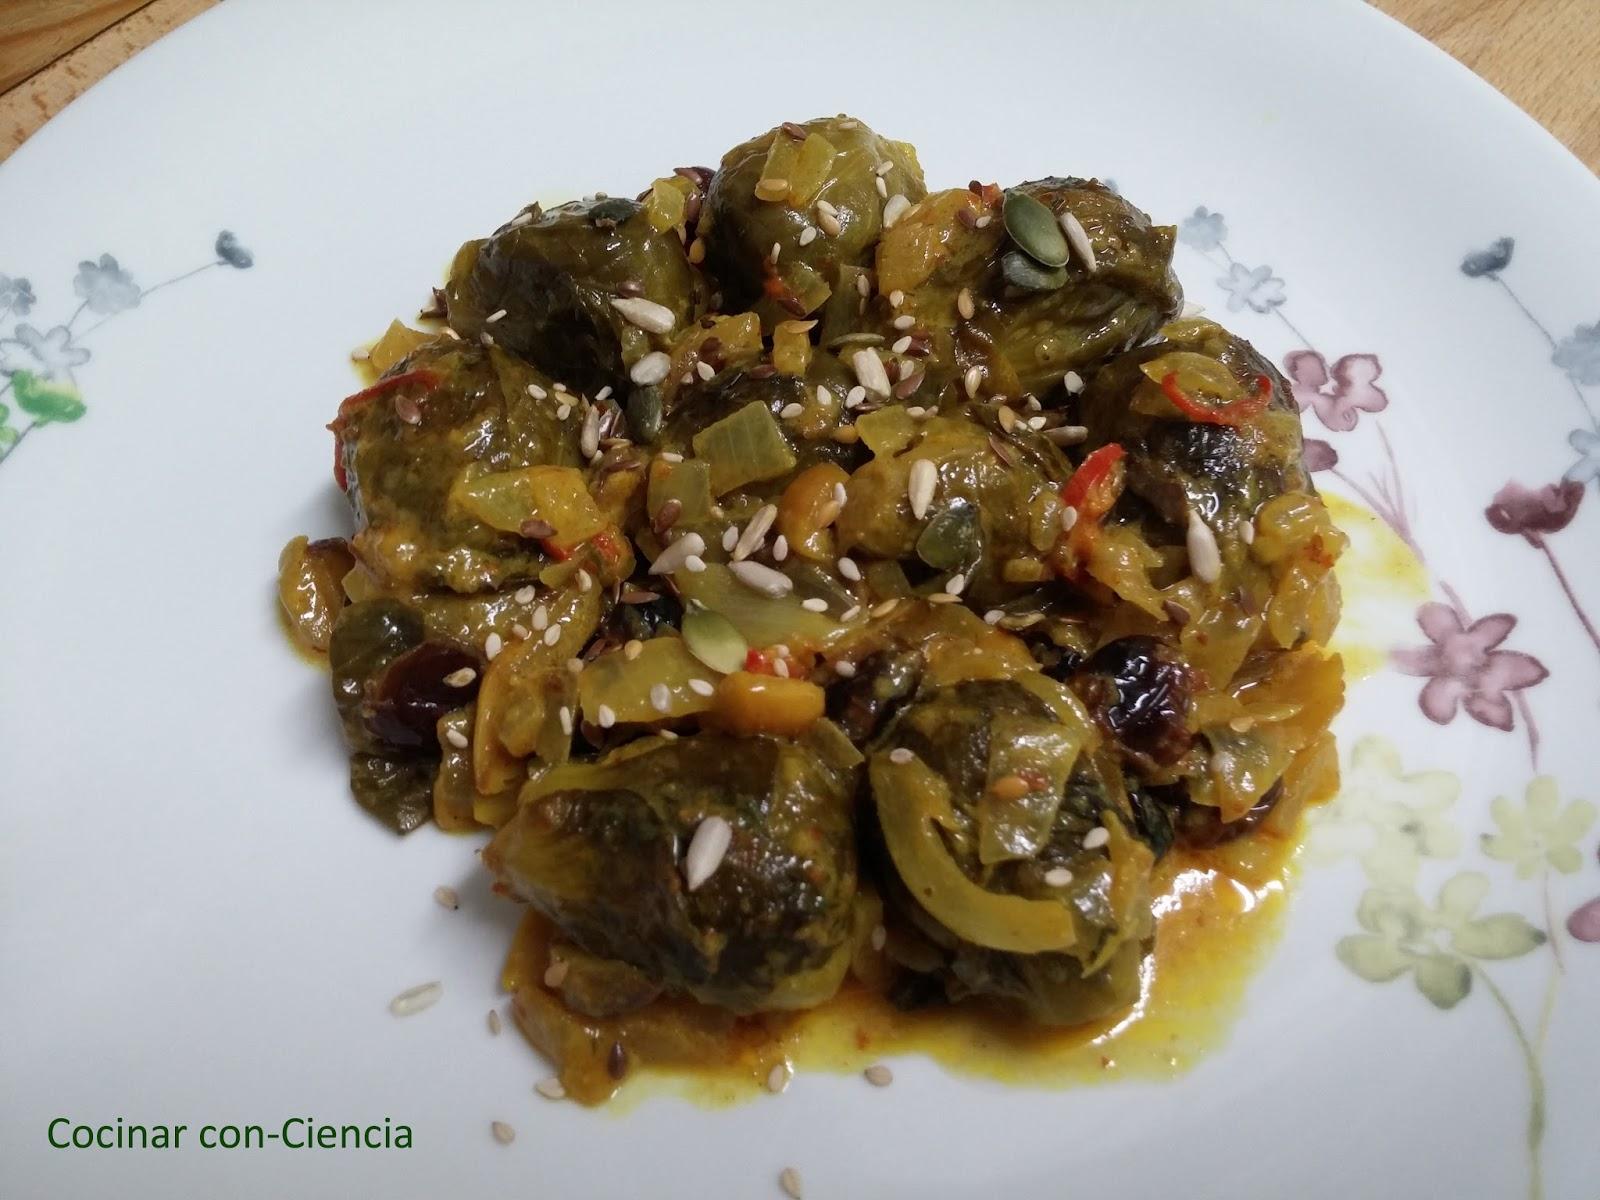 Coles de bruselas al curry cocinar con ciencia - Cocer coles de bruselas ...